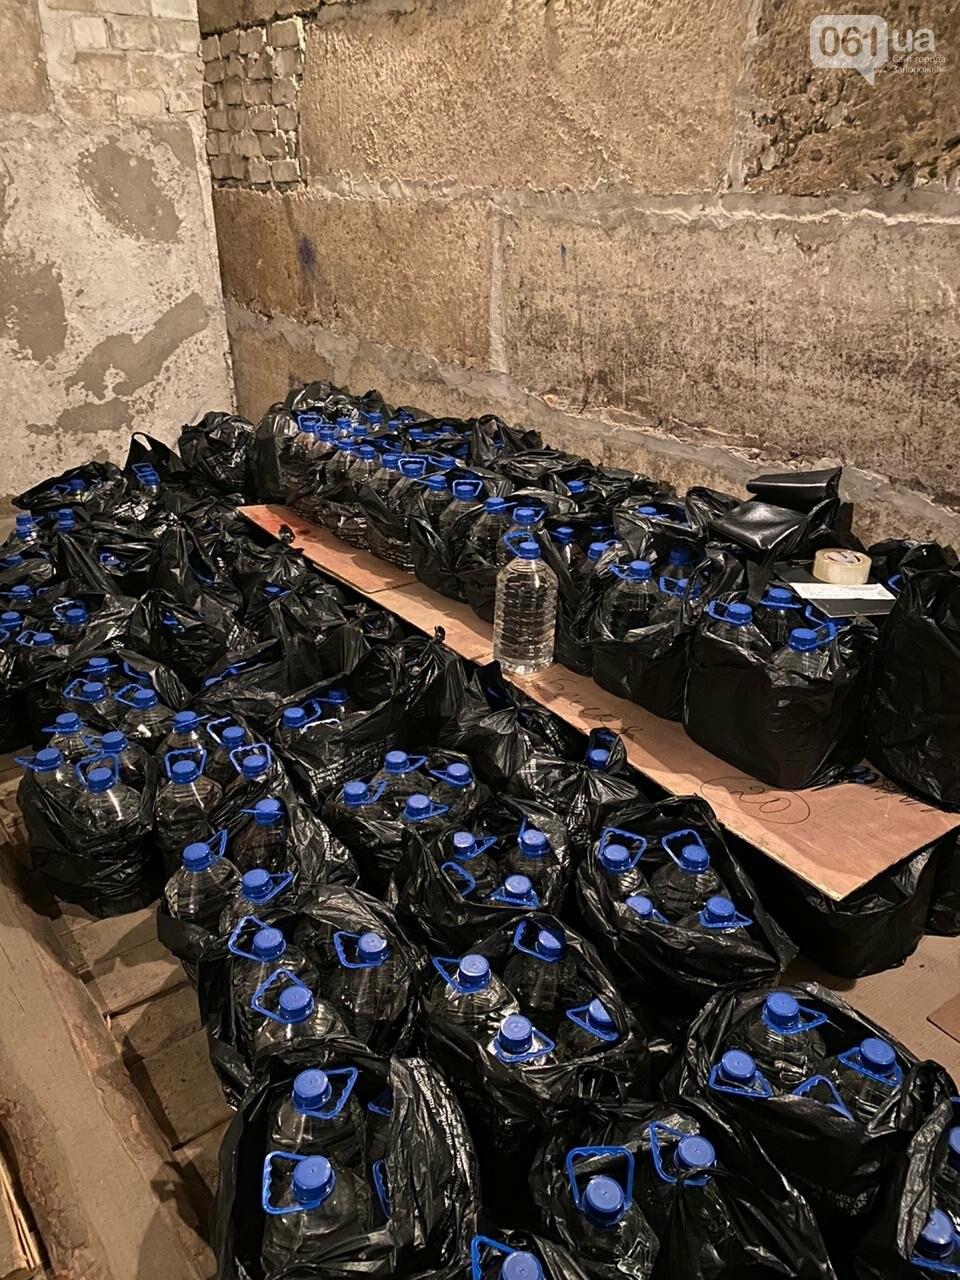 В Запорожской области обнаружили 2,5 тонны фальсифицированного алкоголя, фото-12